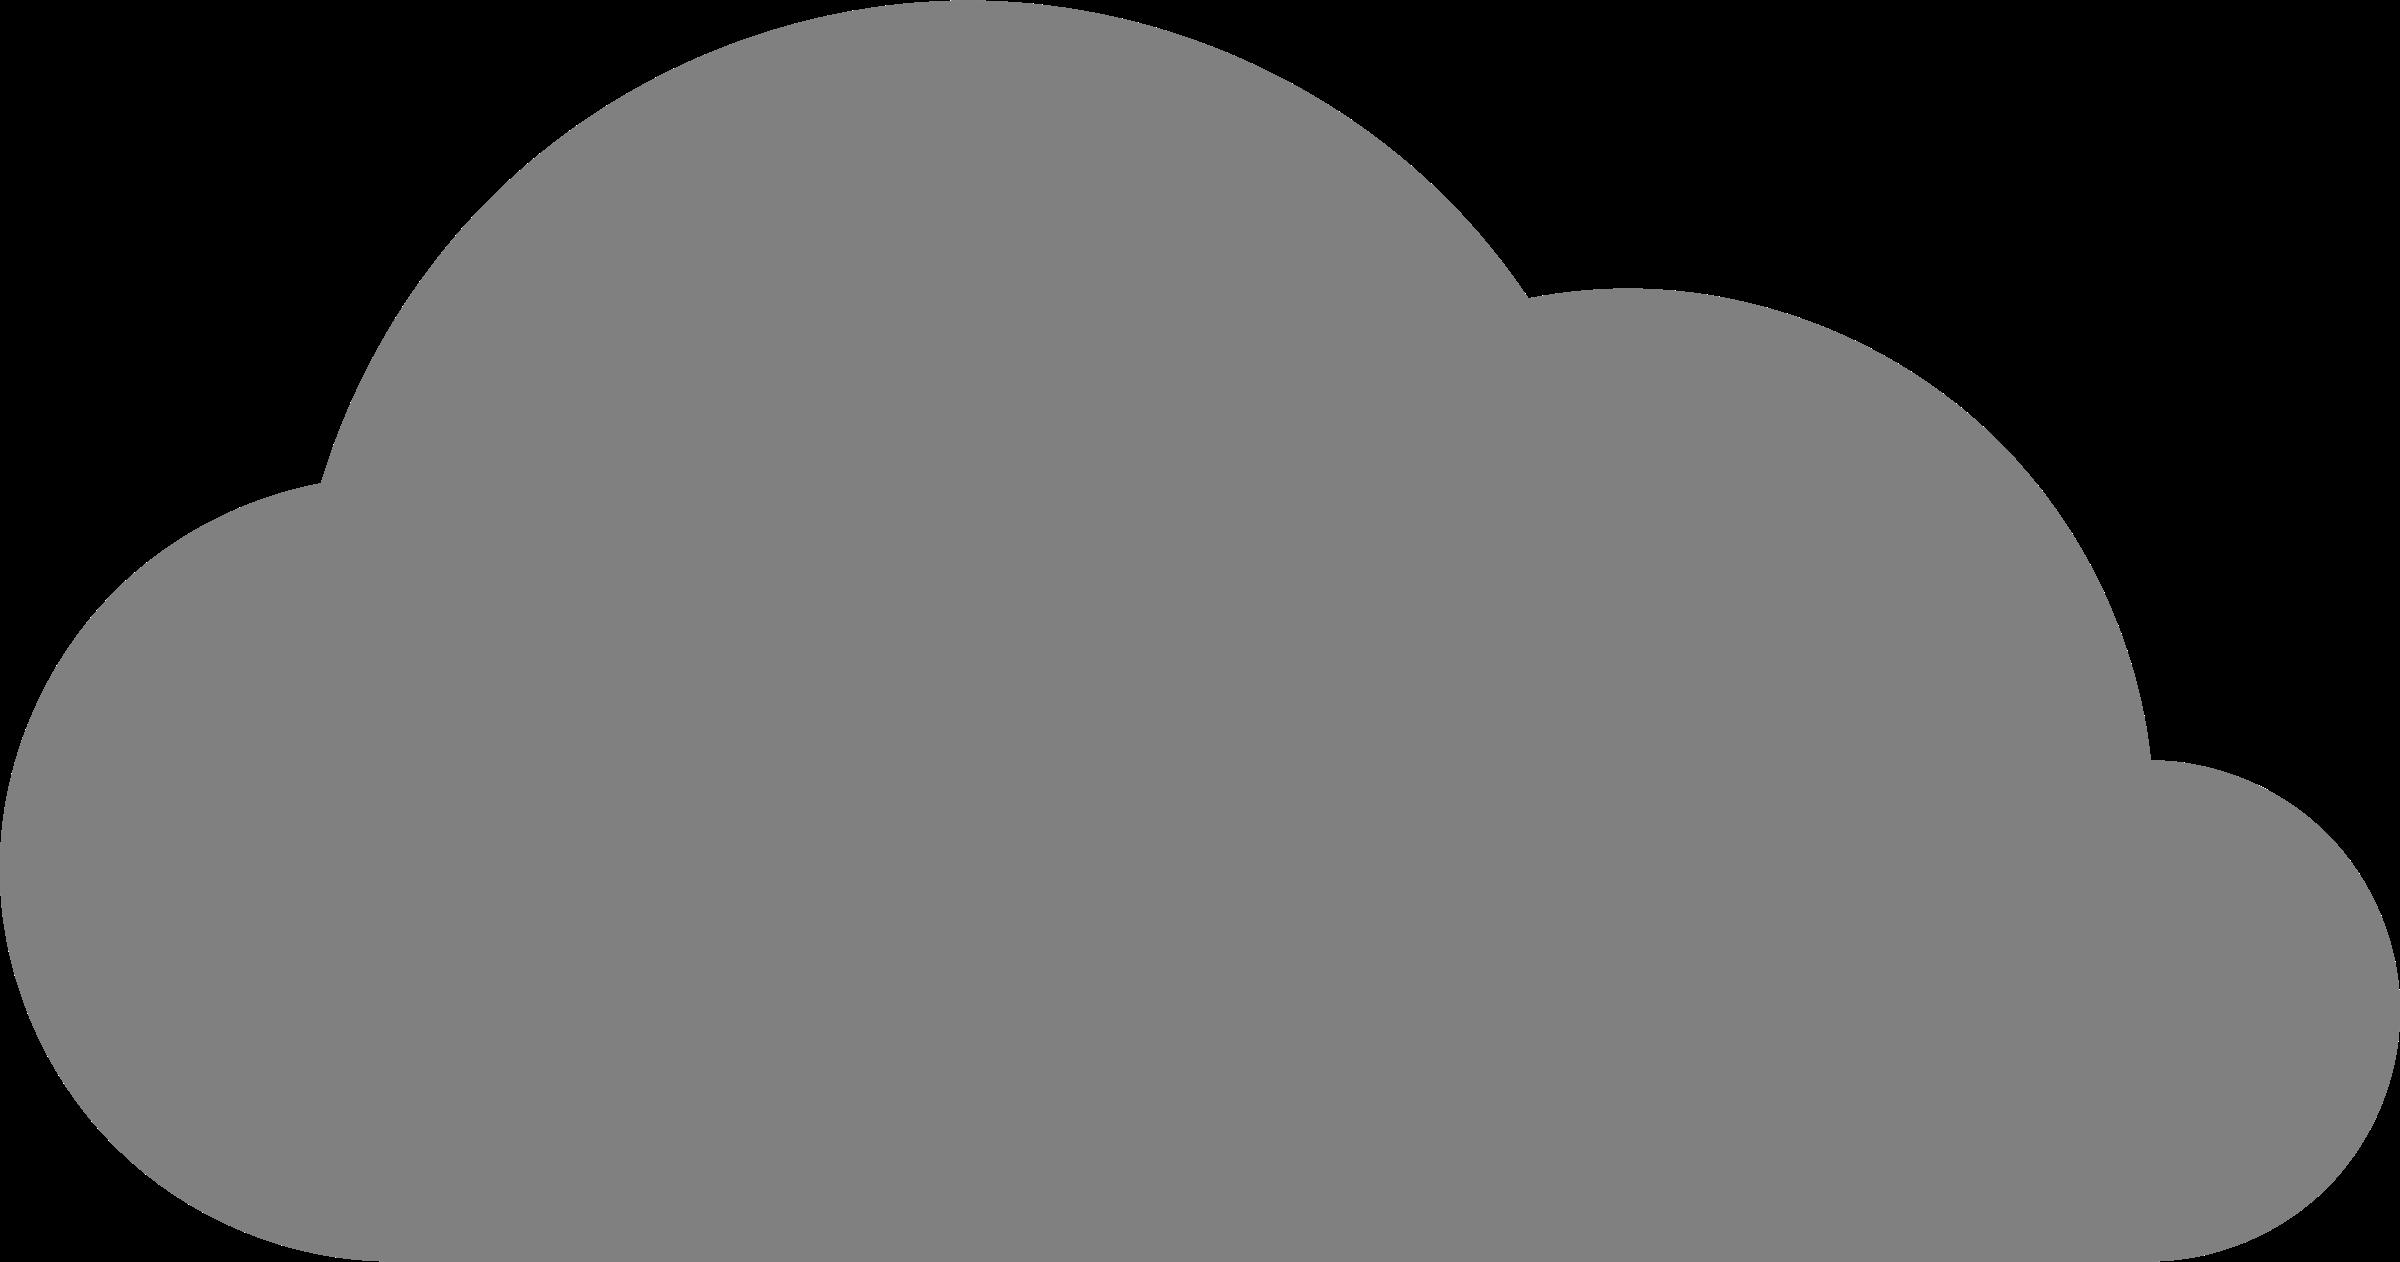 Big image png. Clipart cloud grey